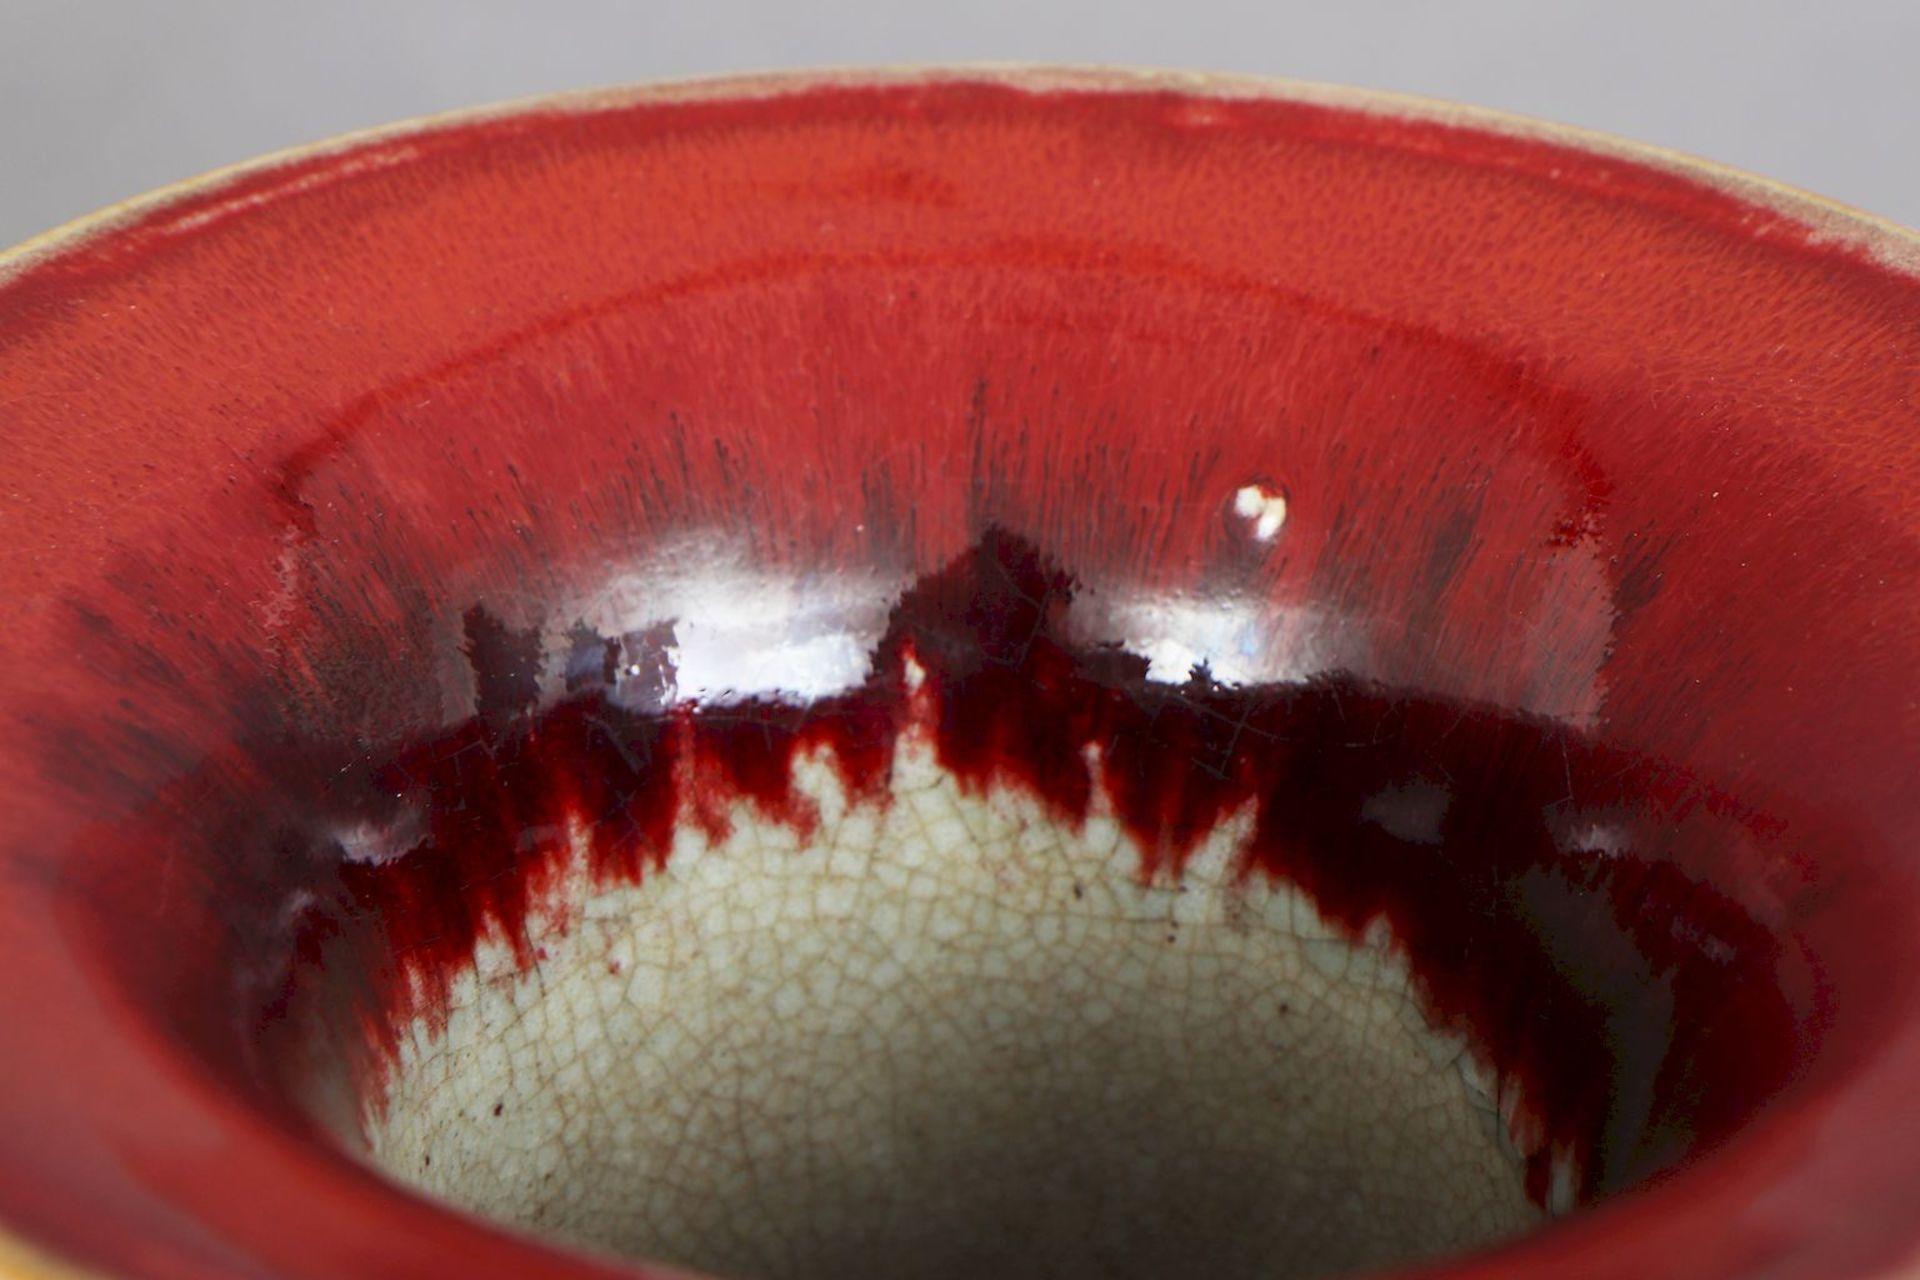 Große chinesische ¨sange-de-boeuf¨(Ochsenblut) Vase - Image 3 of 5